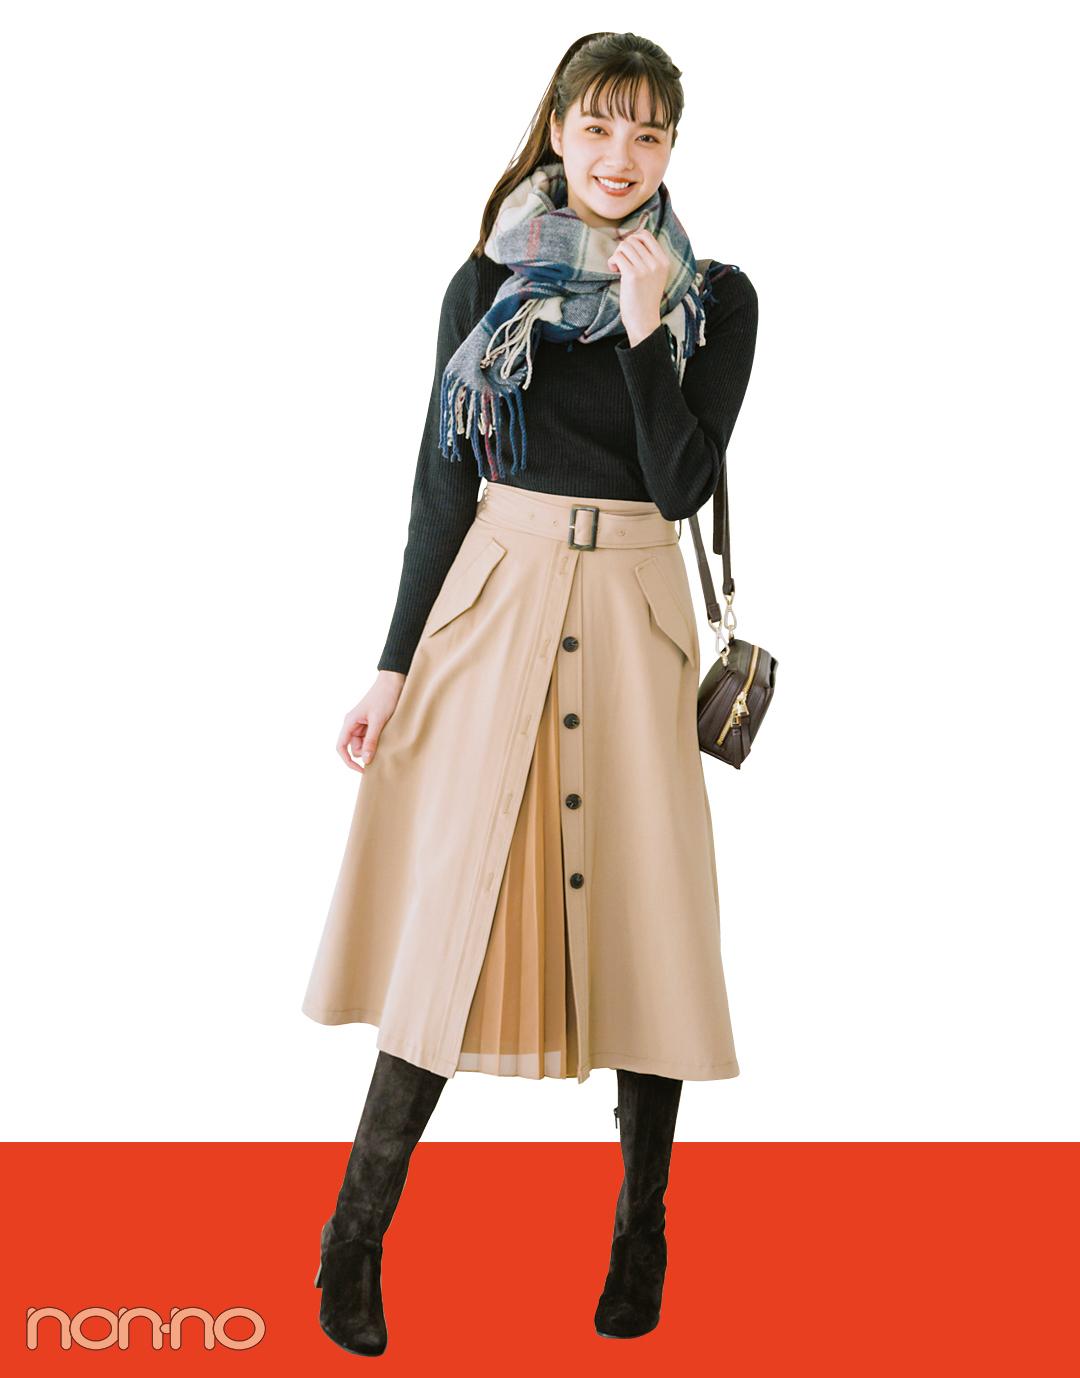 スカートを買い足すならこの2タイプが使える!【冬のマンネリ突破服】_1_6